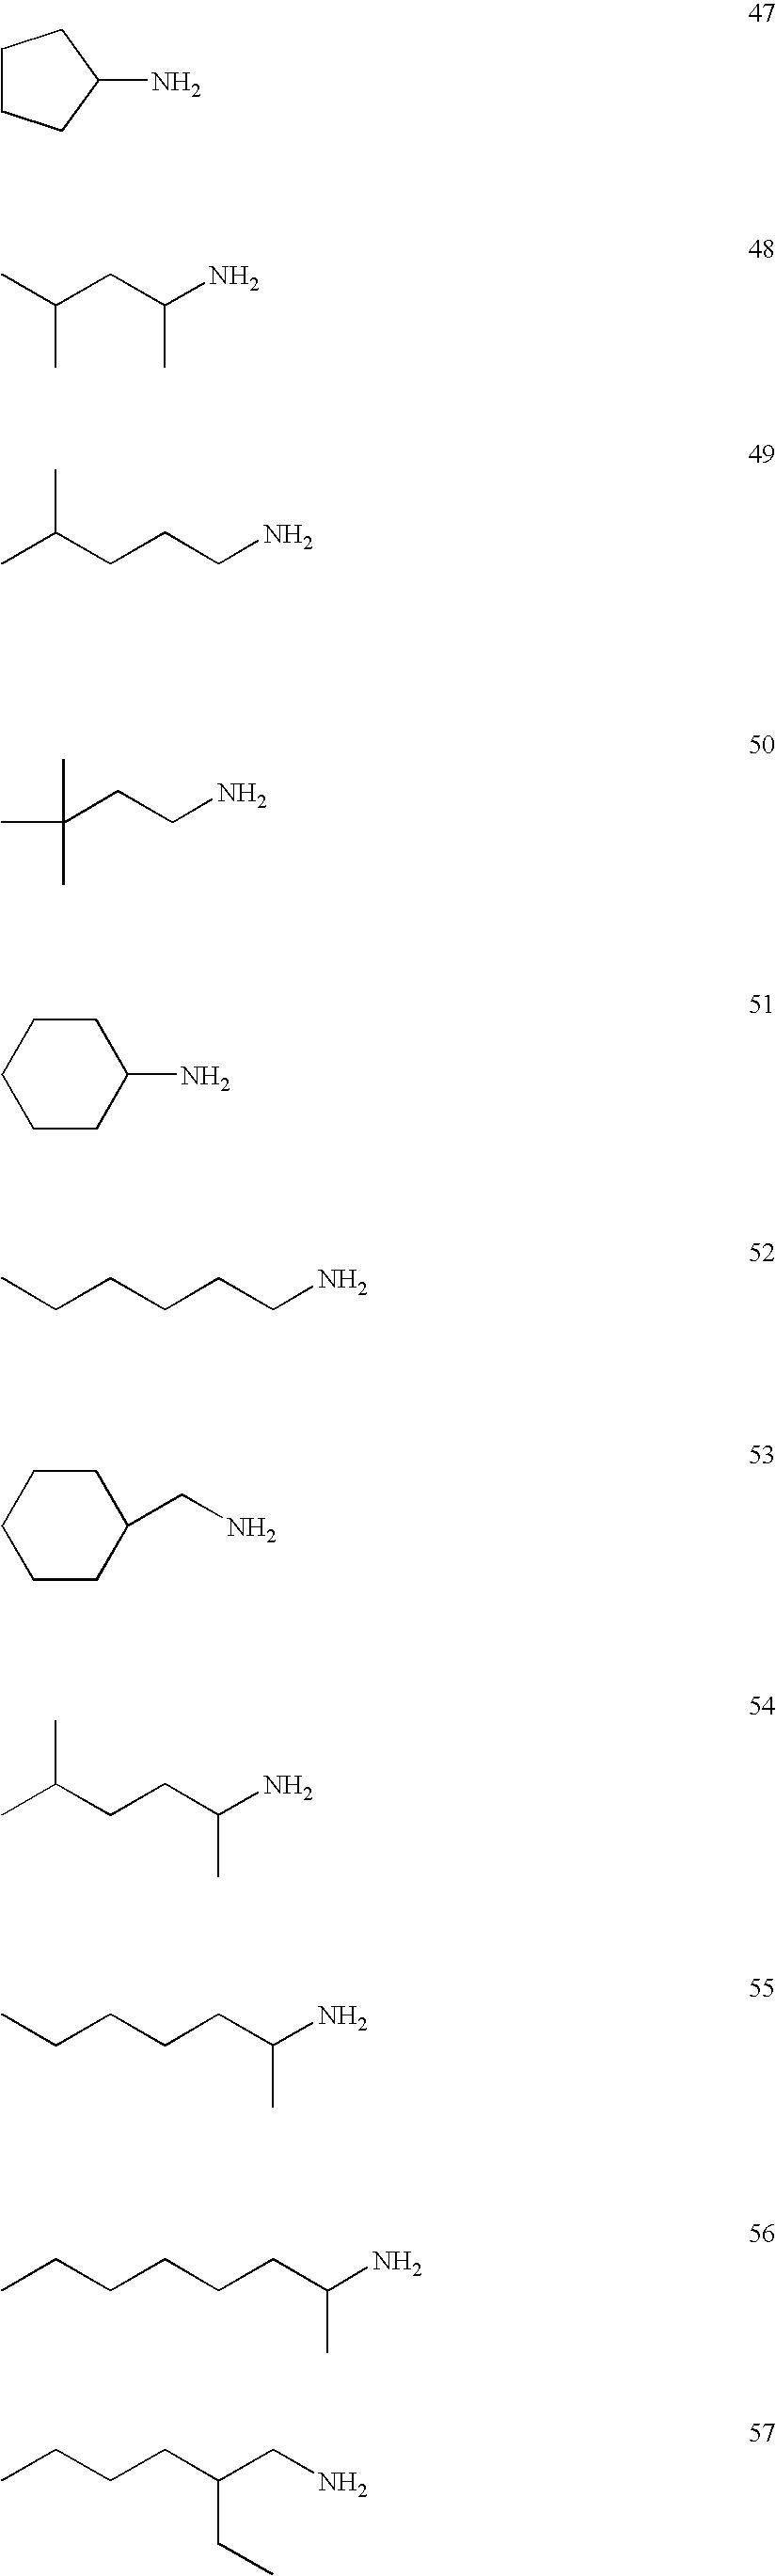 Figure US20050244504A1-20051103-C00021